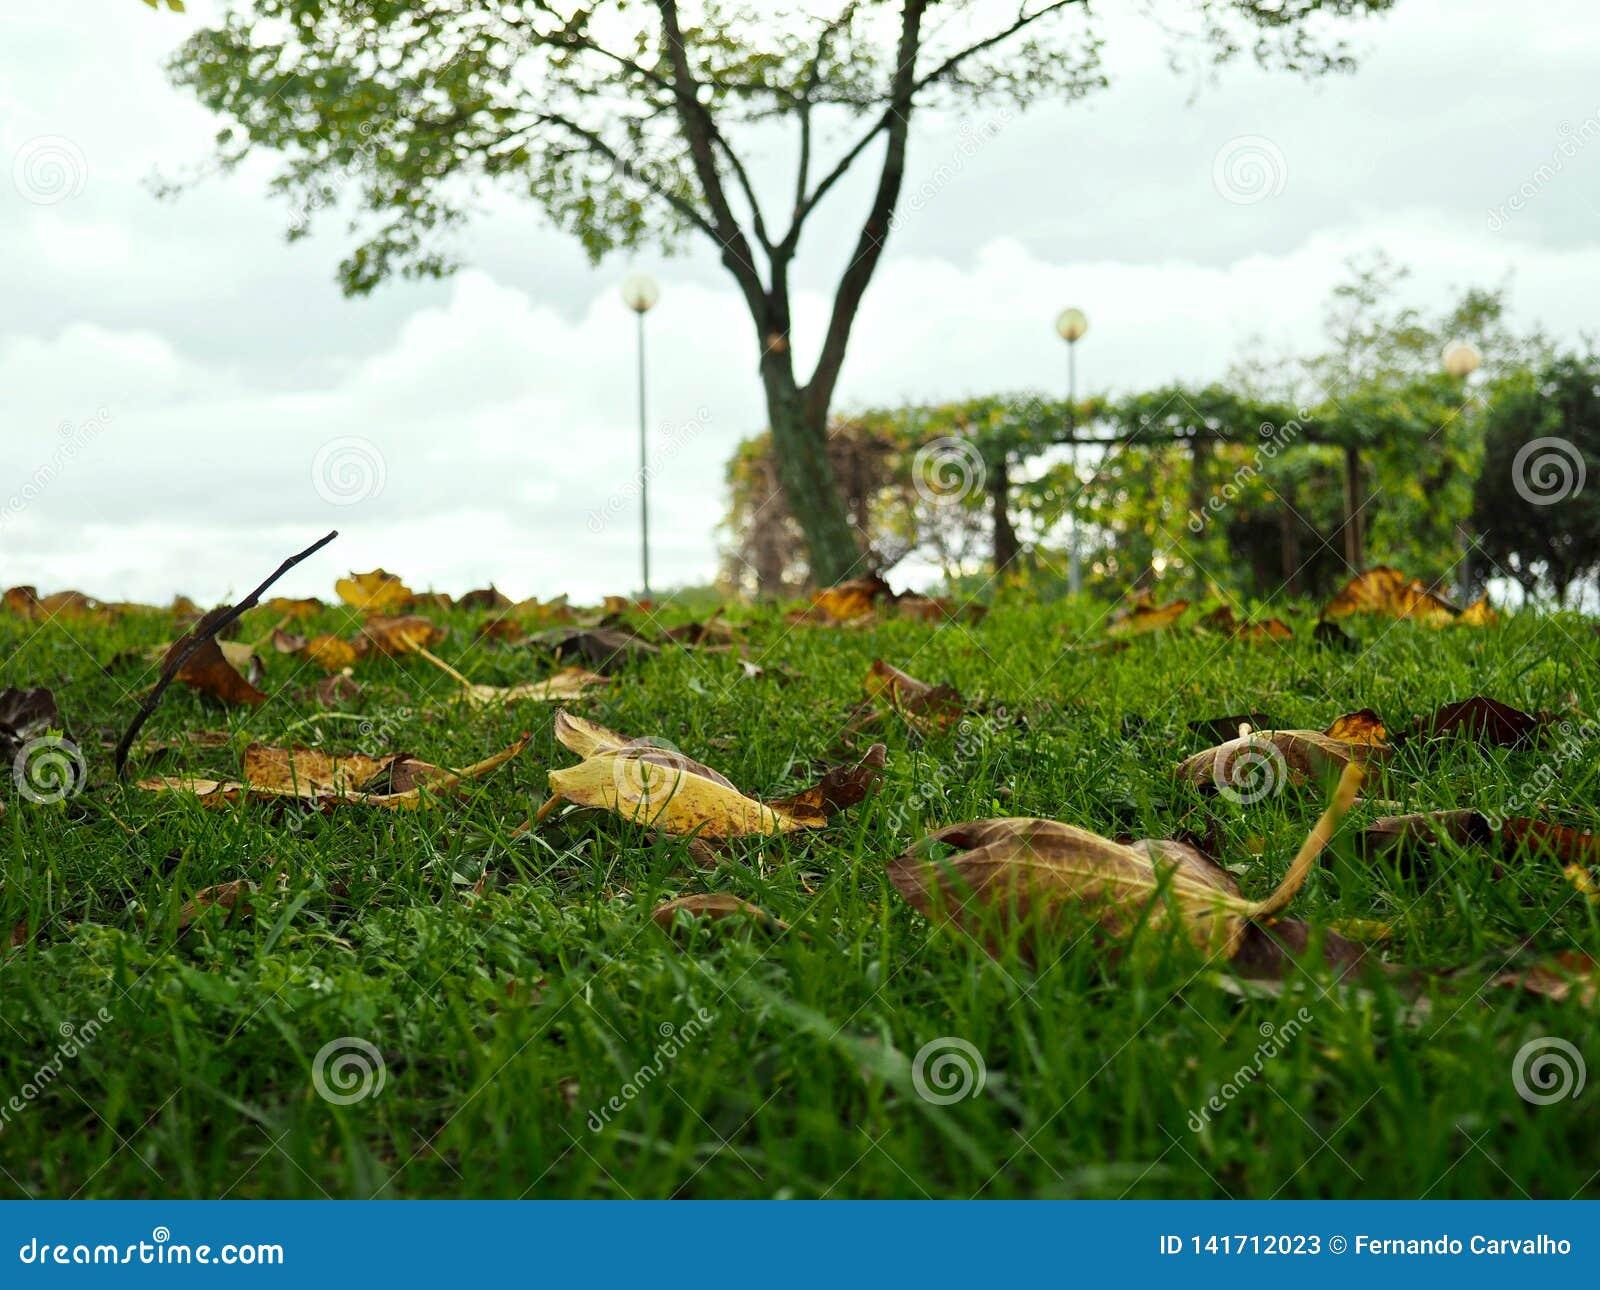 Feigenbaumblätter auf unserem Hinterhofgras